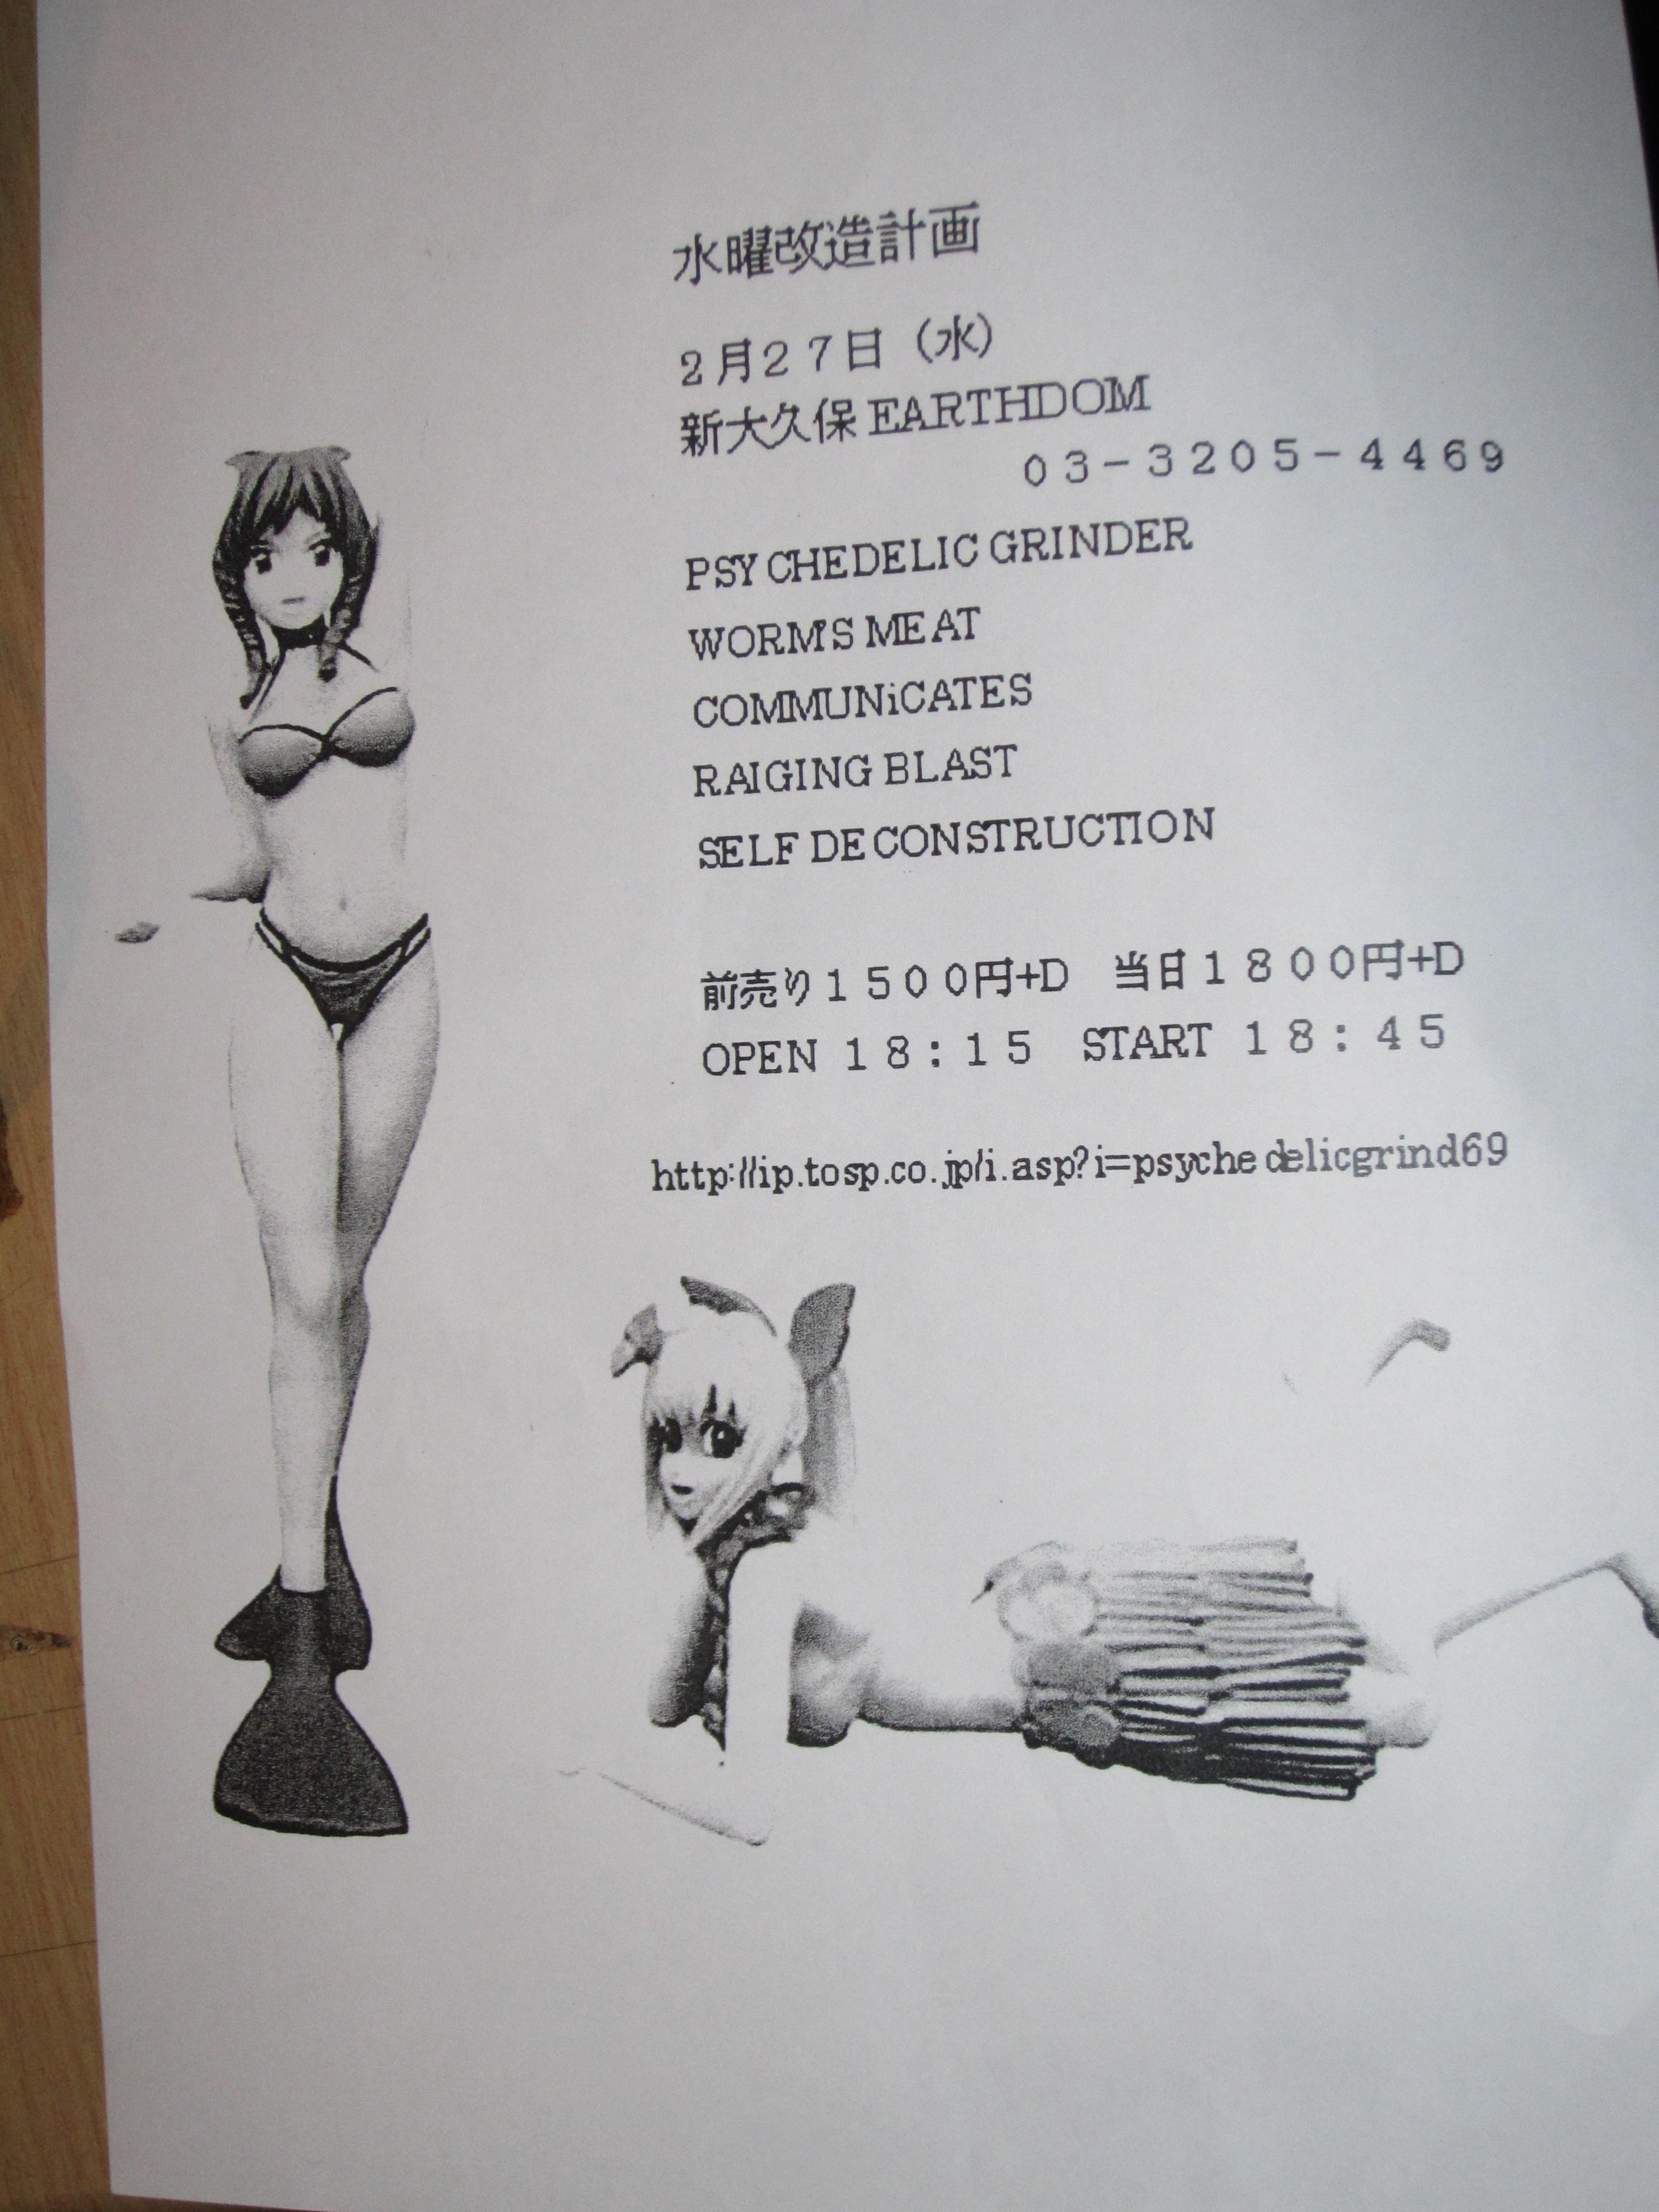 2013.2.27水曜改造計画